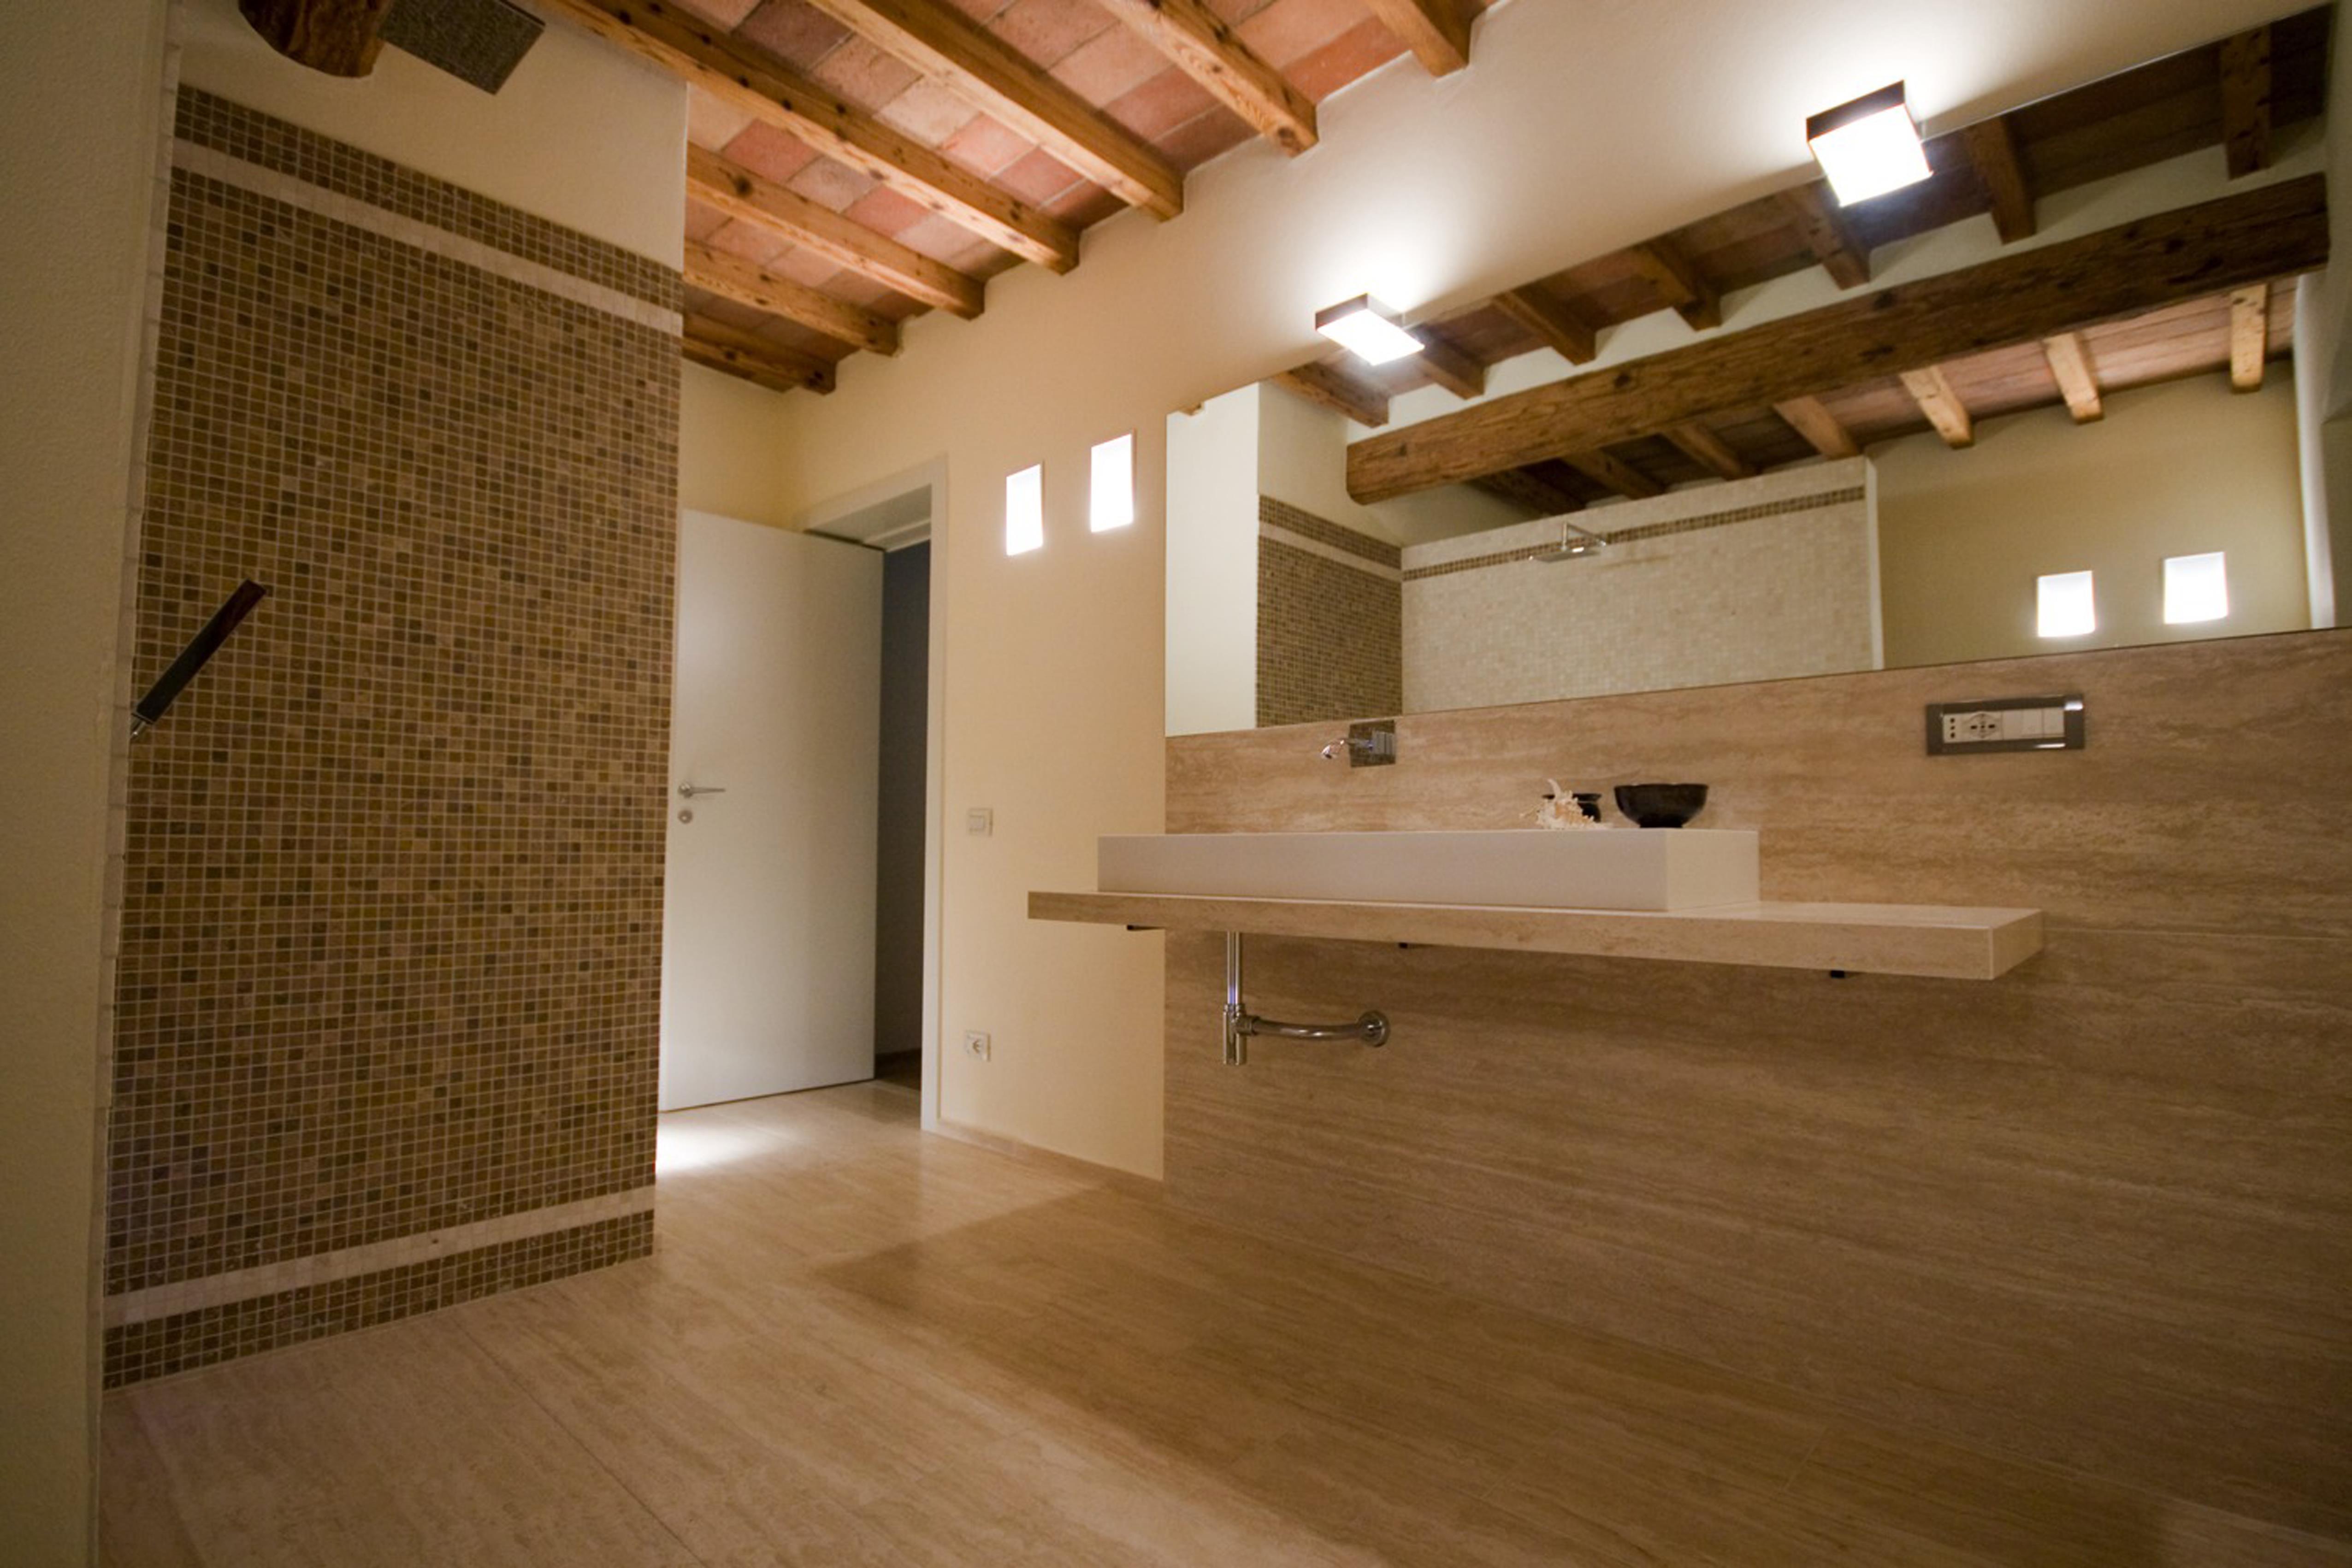 bagni moderni in marmo ~ la scelta giusta per il design domestico - Arredo Bagno In Marmo